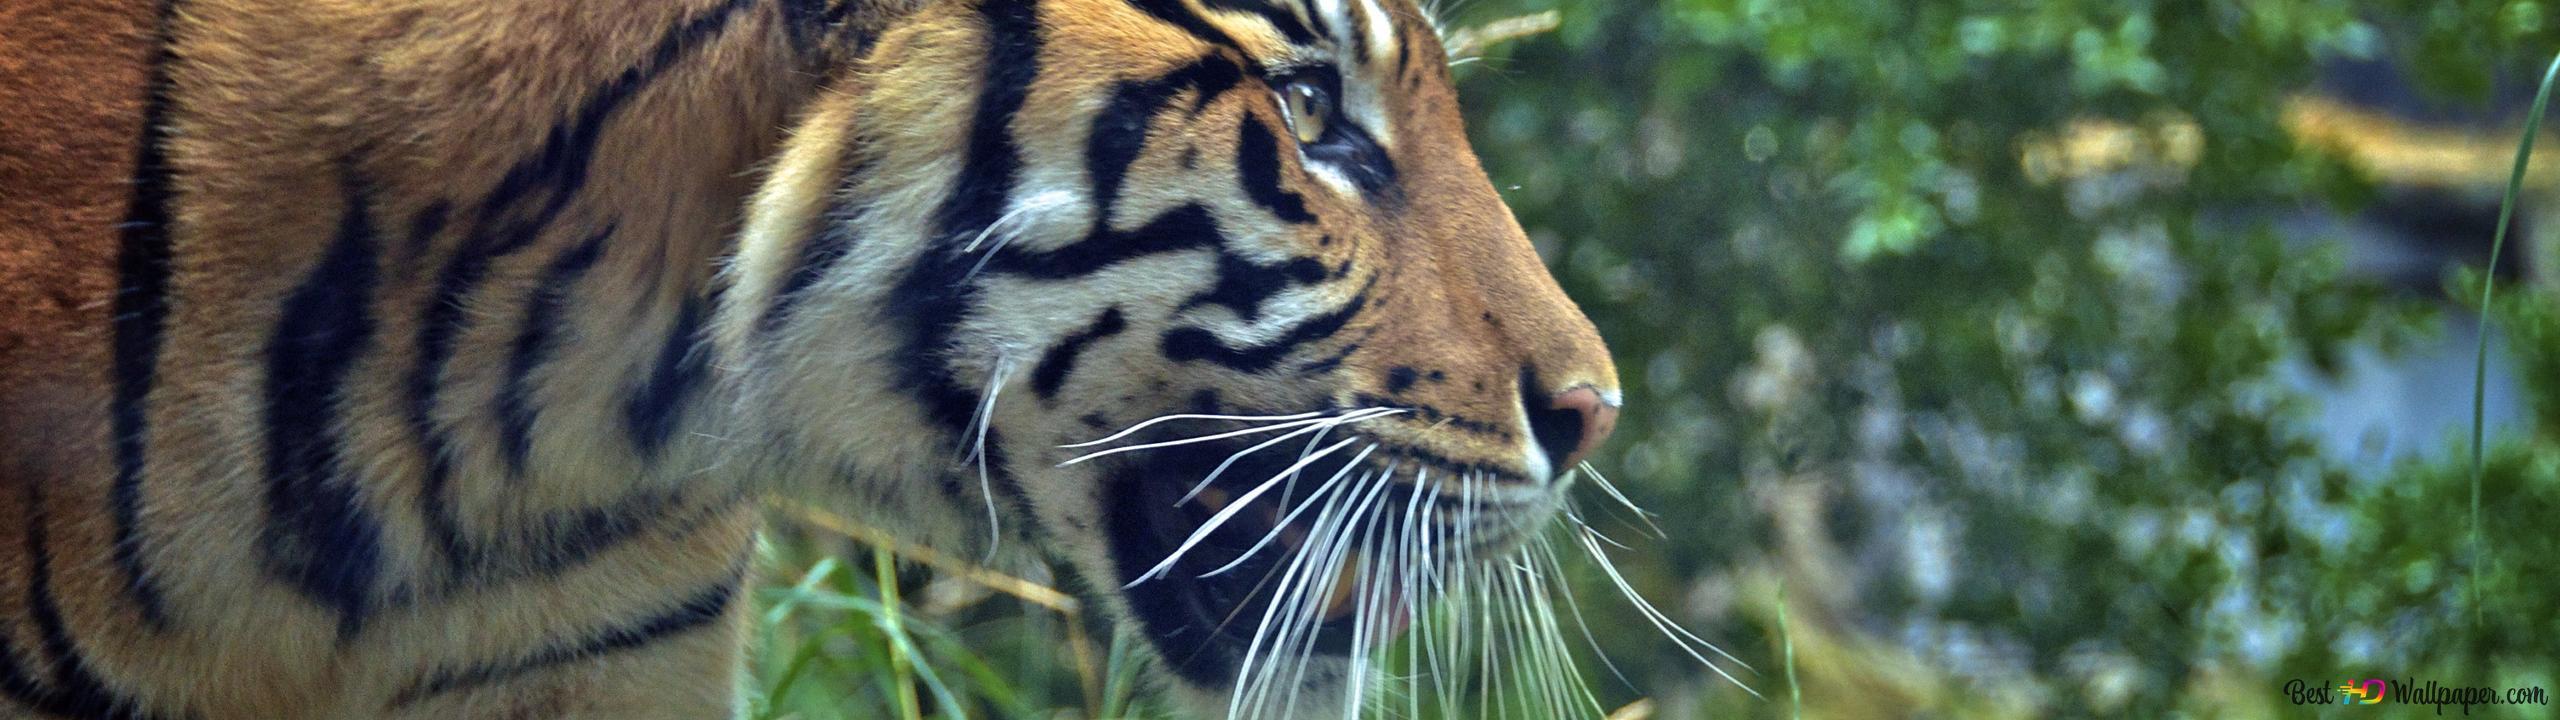 Tiger Attack Mode Hd Tapet Nedlasting